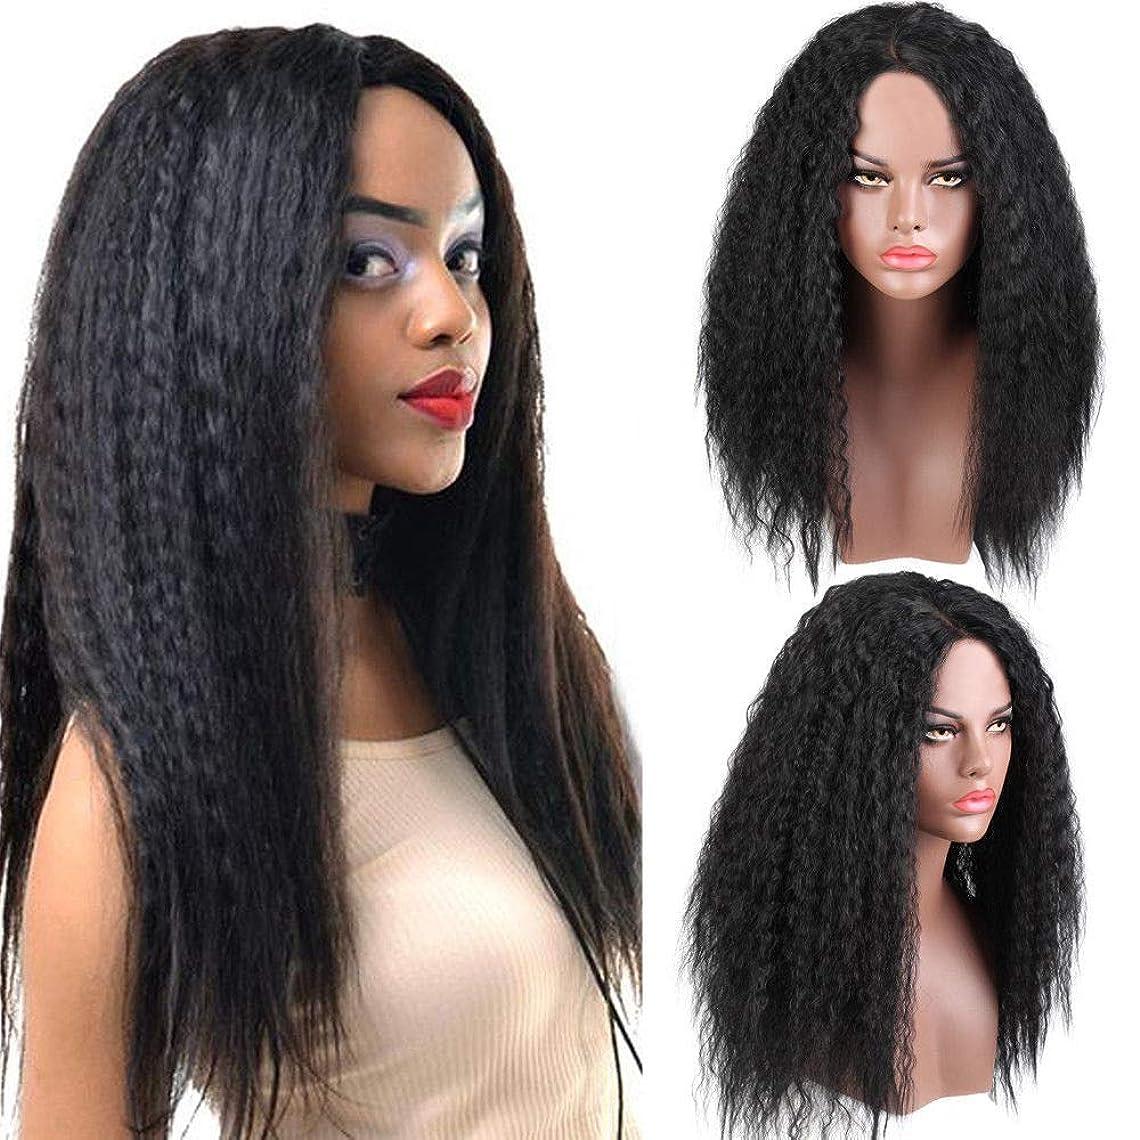 タクトバーマド長いですブラジルのレースフロント人毛ウィッグ女性180%密度本物の髪黒レースかつらで赤ん坊の毛髪自然な生え際24インチ